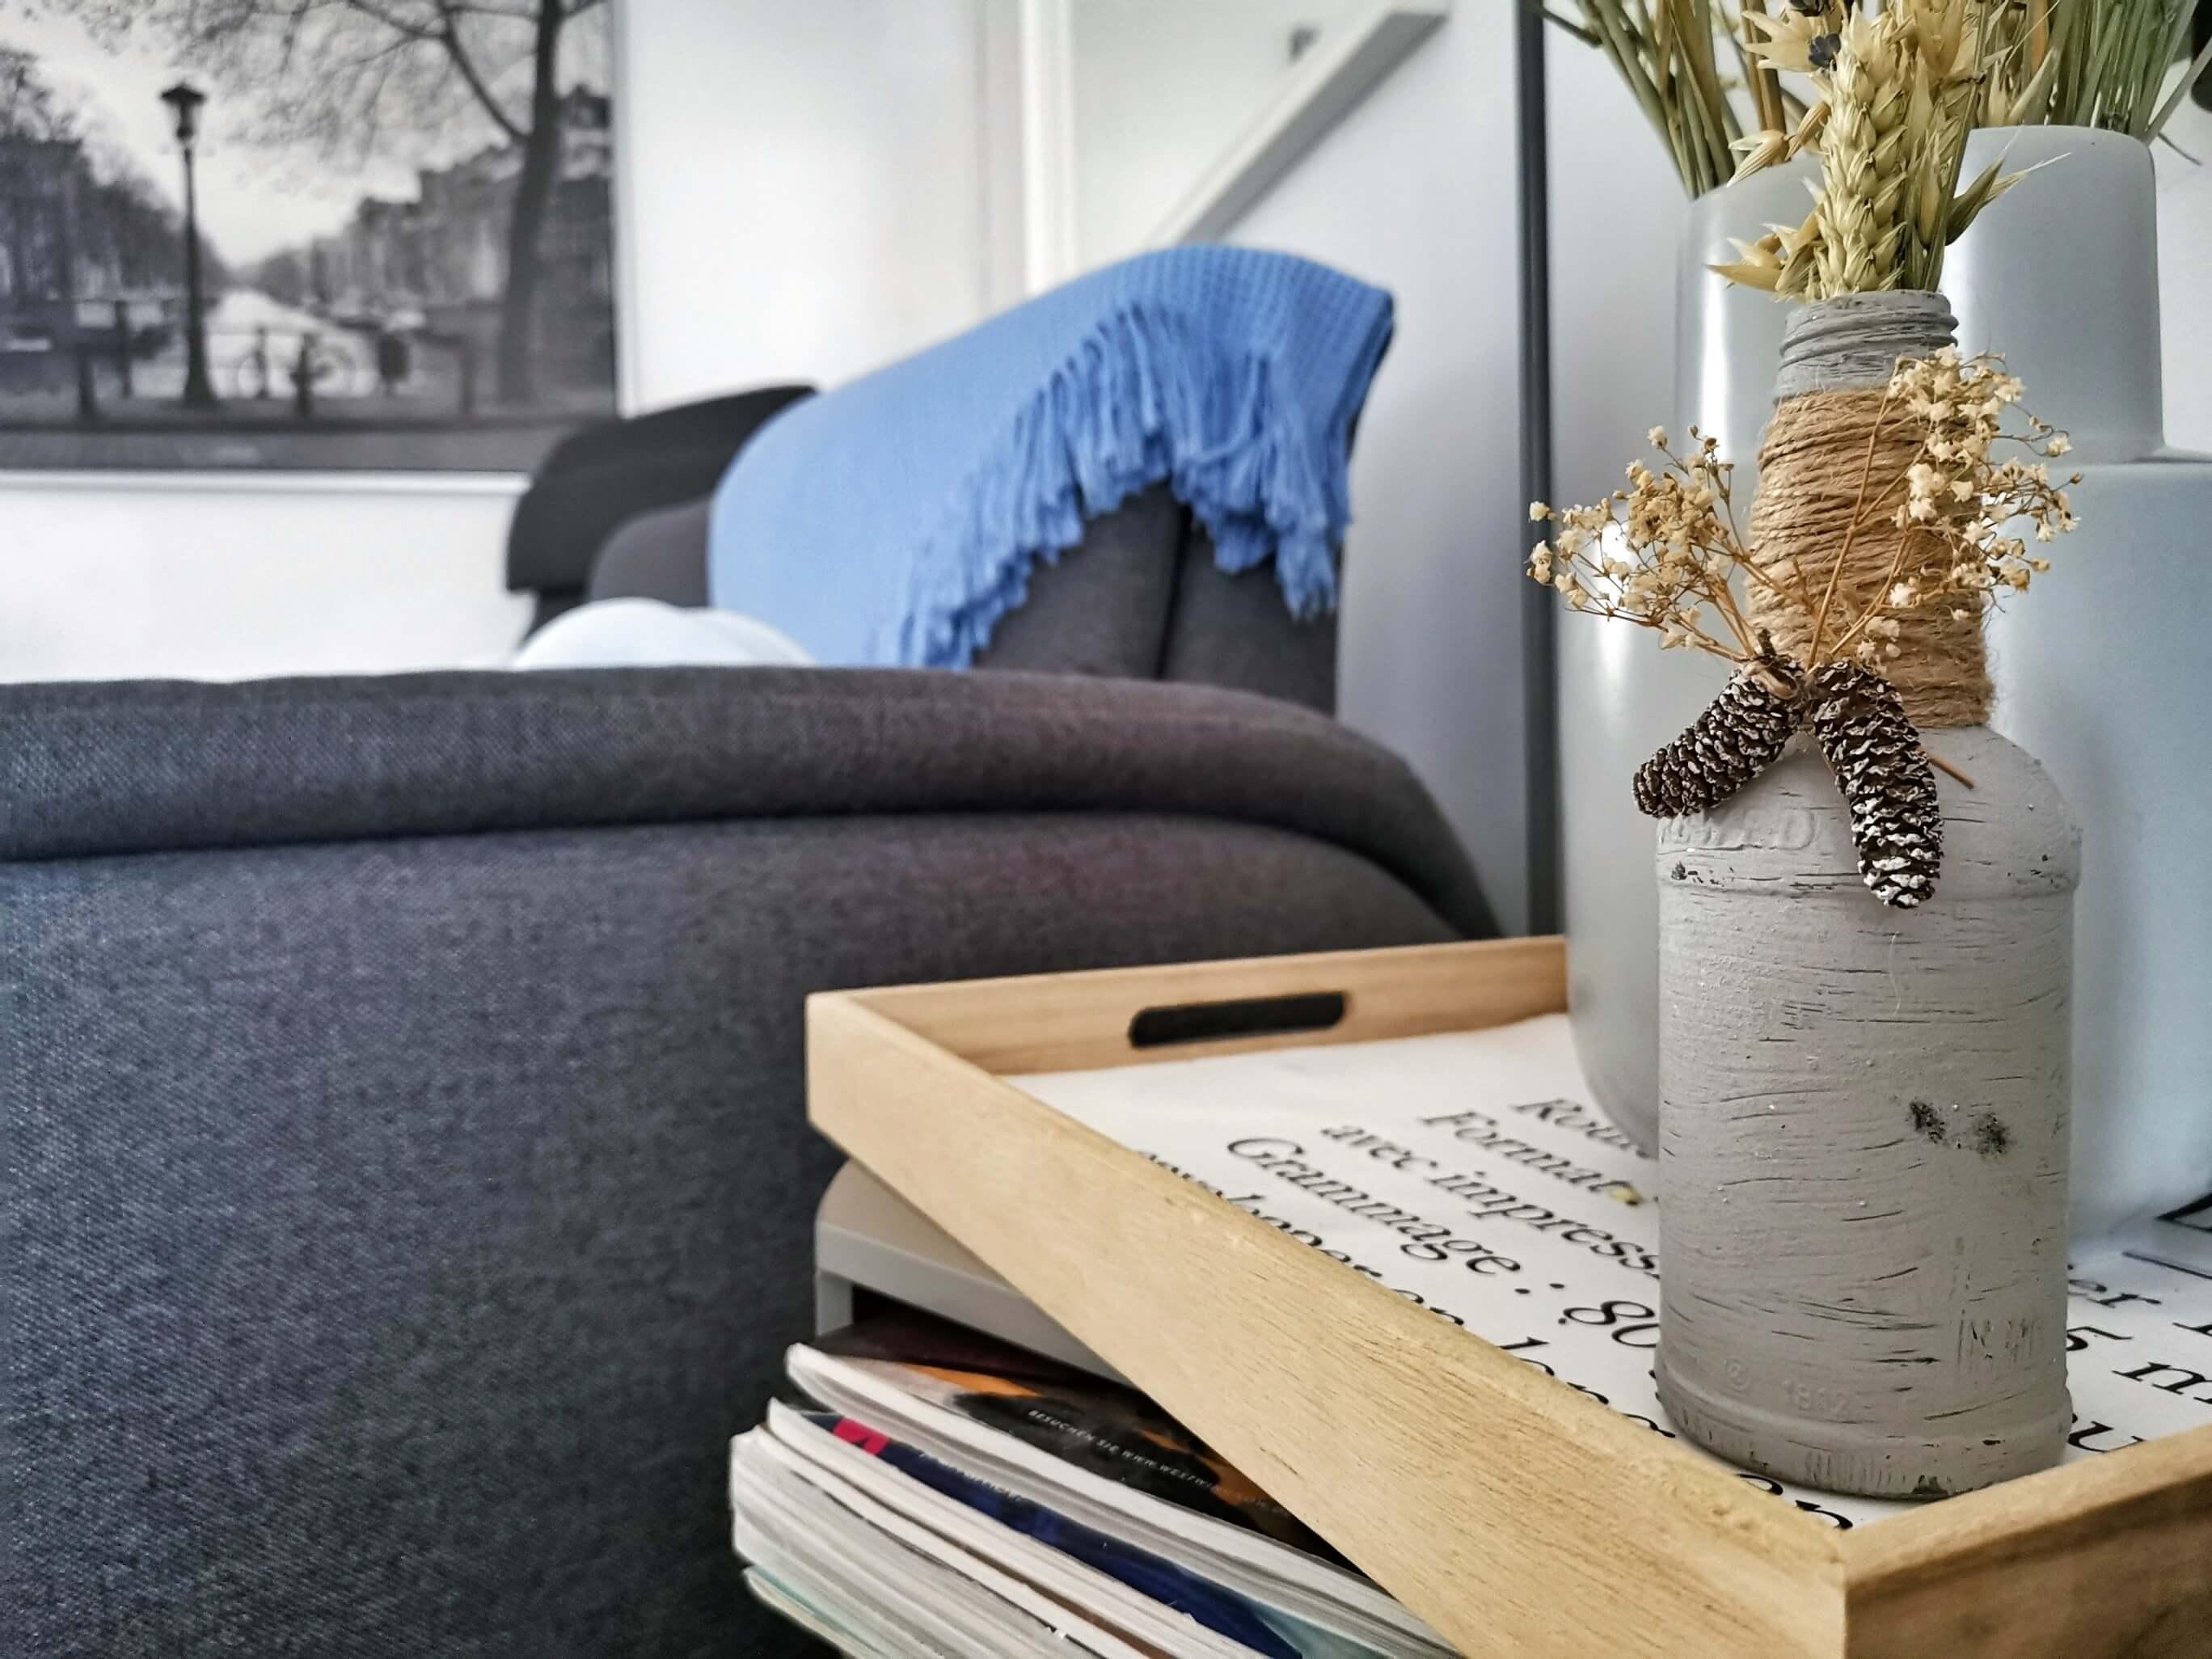 IMG 20190428 184336 03 resized 20190428 070219068 1 - Deko aus Müll: 5 Recycling-Ideen für ein schöneres Zuhause